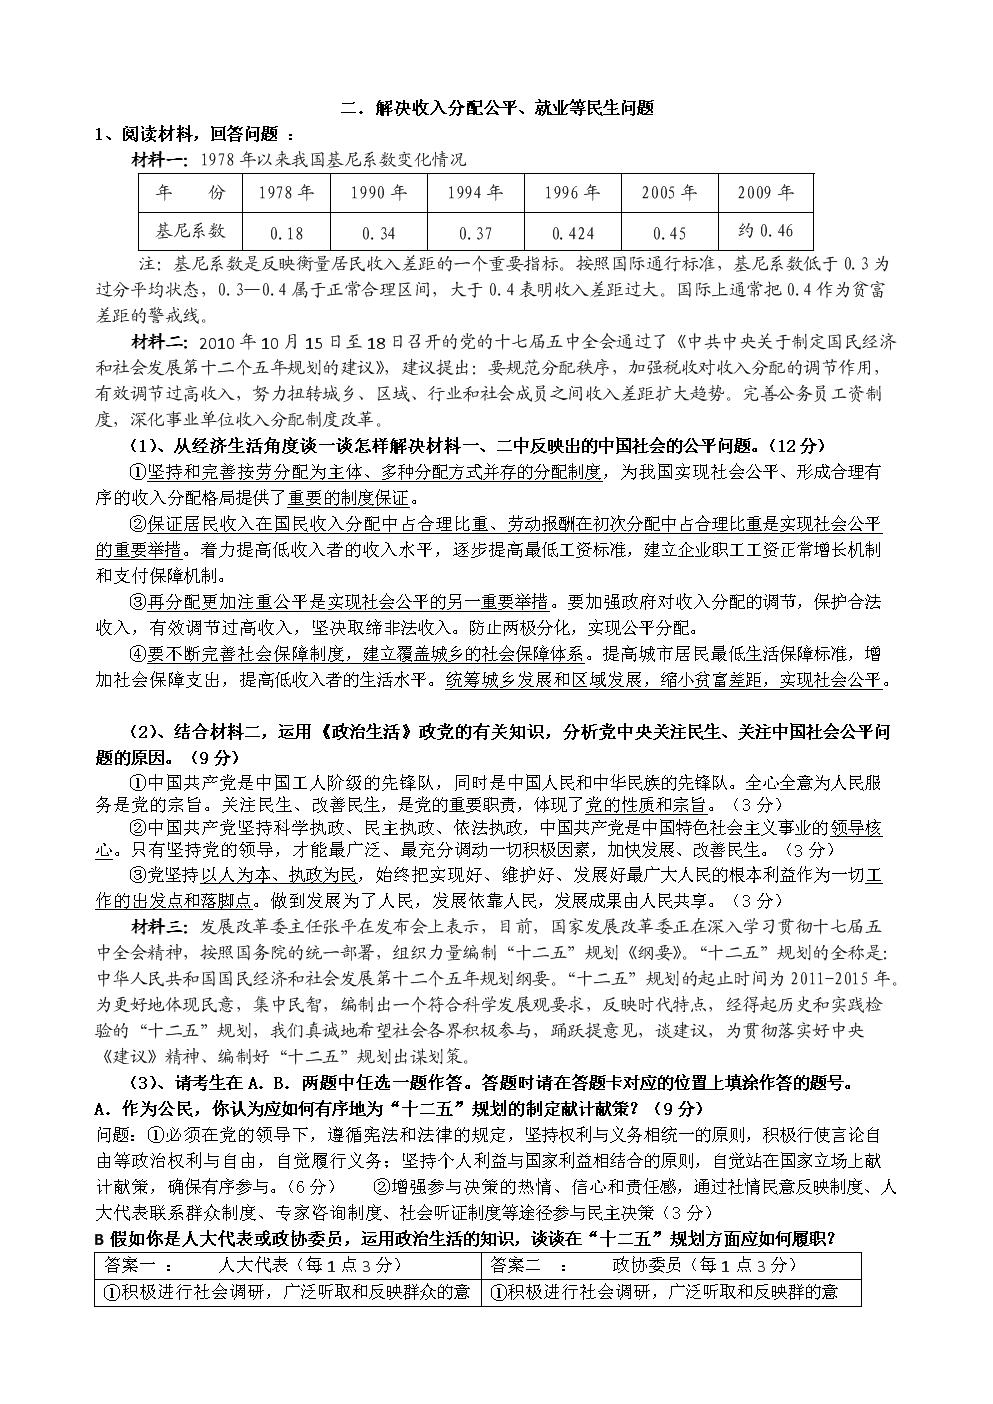 江苏省2012年v政治政治最新热点主观动漫题集时政考艺高中图片